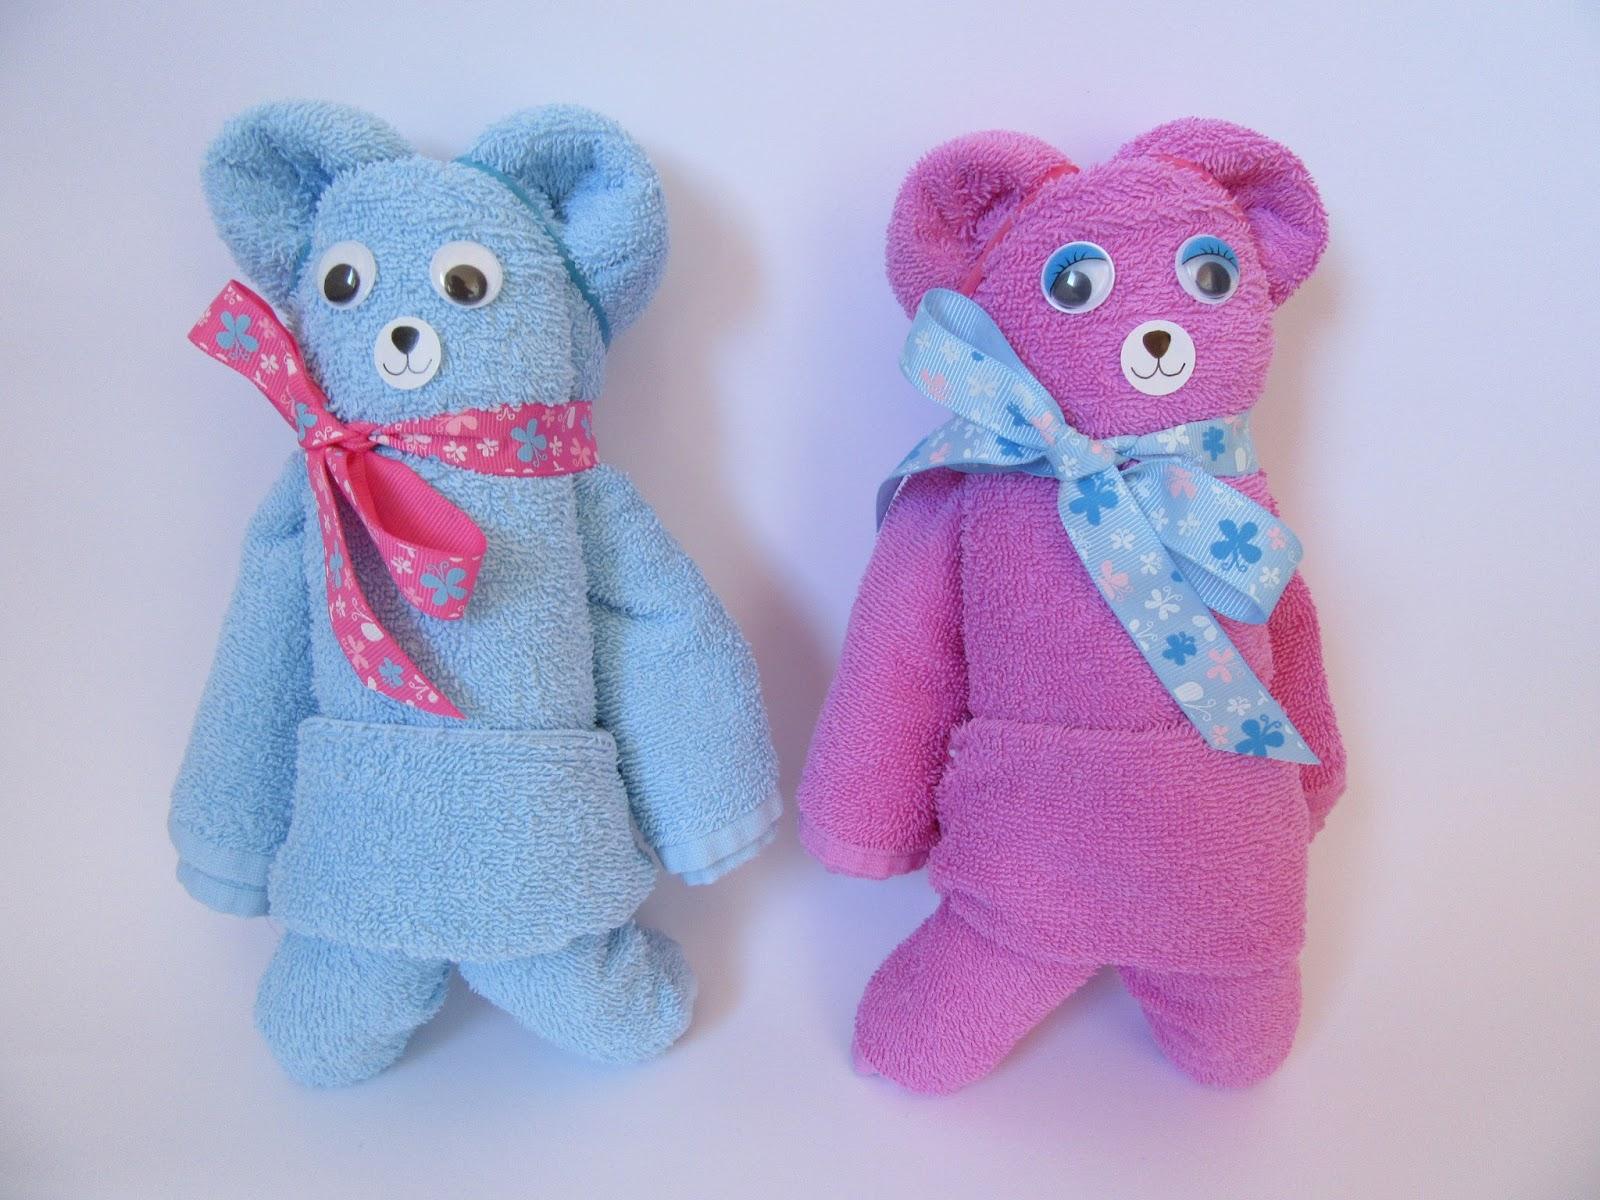 Beliebt DIY: Handtuch-Origami - Teddys aus Handtüchern | ars vera(e) - DIY RH16